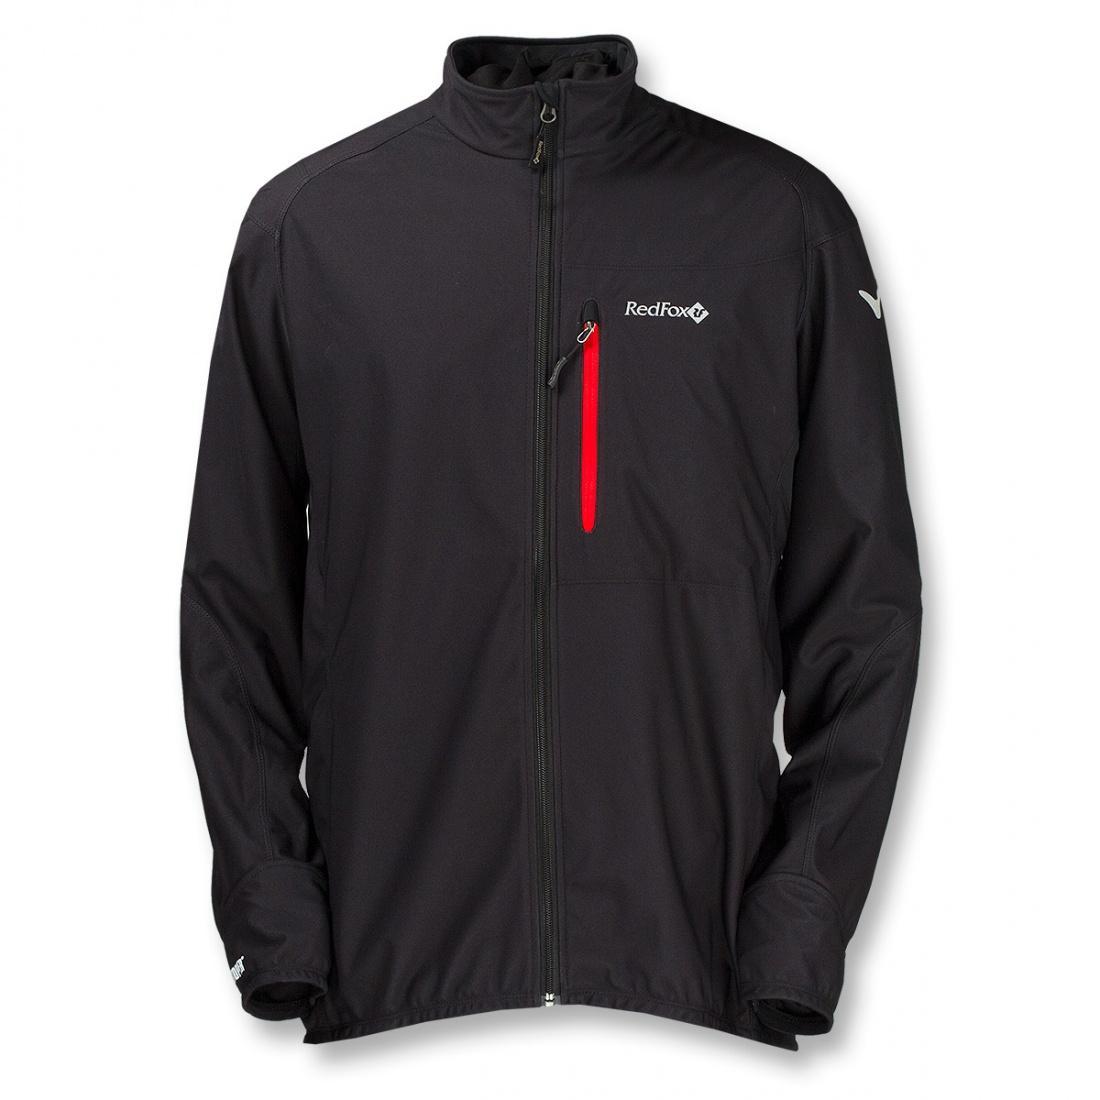 Куртка Active Shell МужскаяКуртки<br><br> Cпортивная куртка для высокоактивных видов спорта в холодную и ветреную погоду. Предназначена для использования на беговых тренировках, лыжных гонках, а также в качестве разминочной одежды.<br><br><br>основное назначение: Беговые лыжи, трейл...<br><br>Цвет: Черный<br>Размер: 46